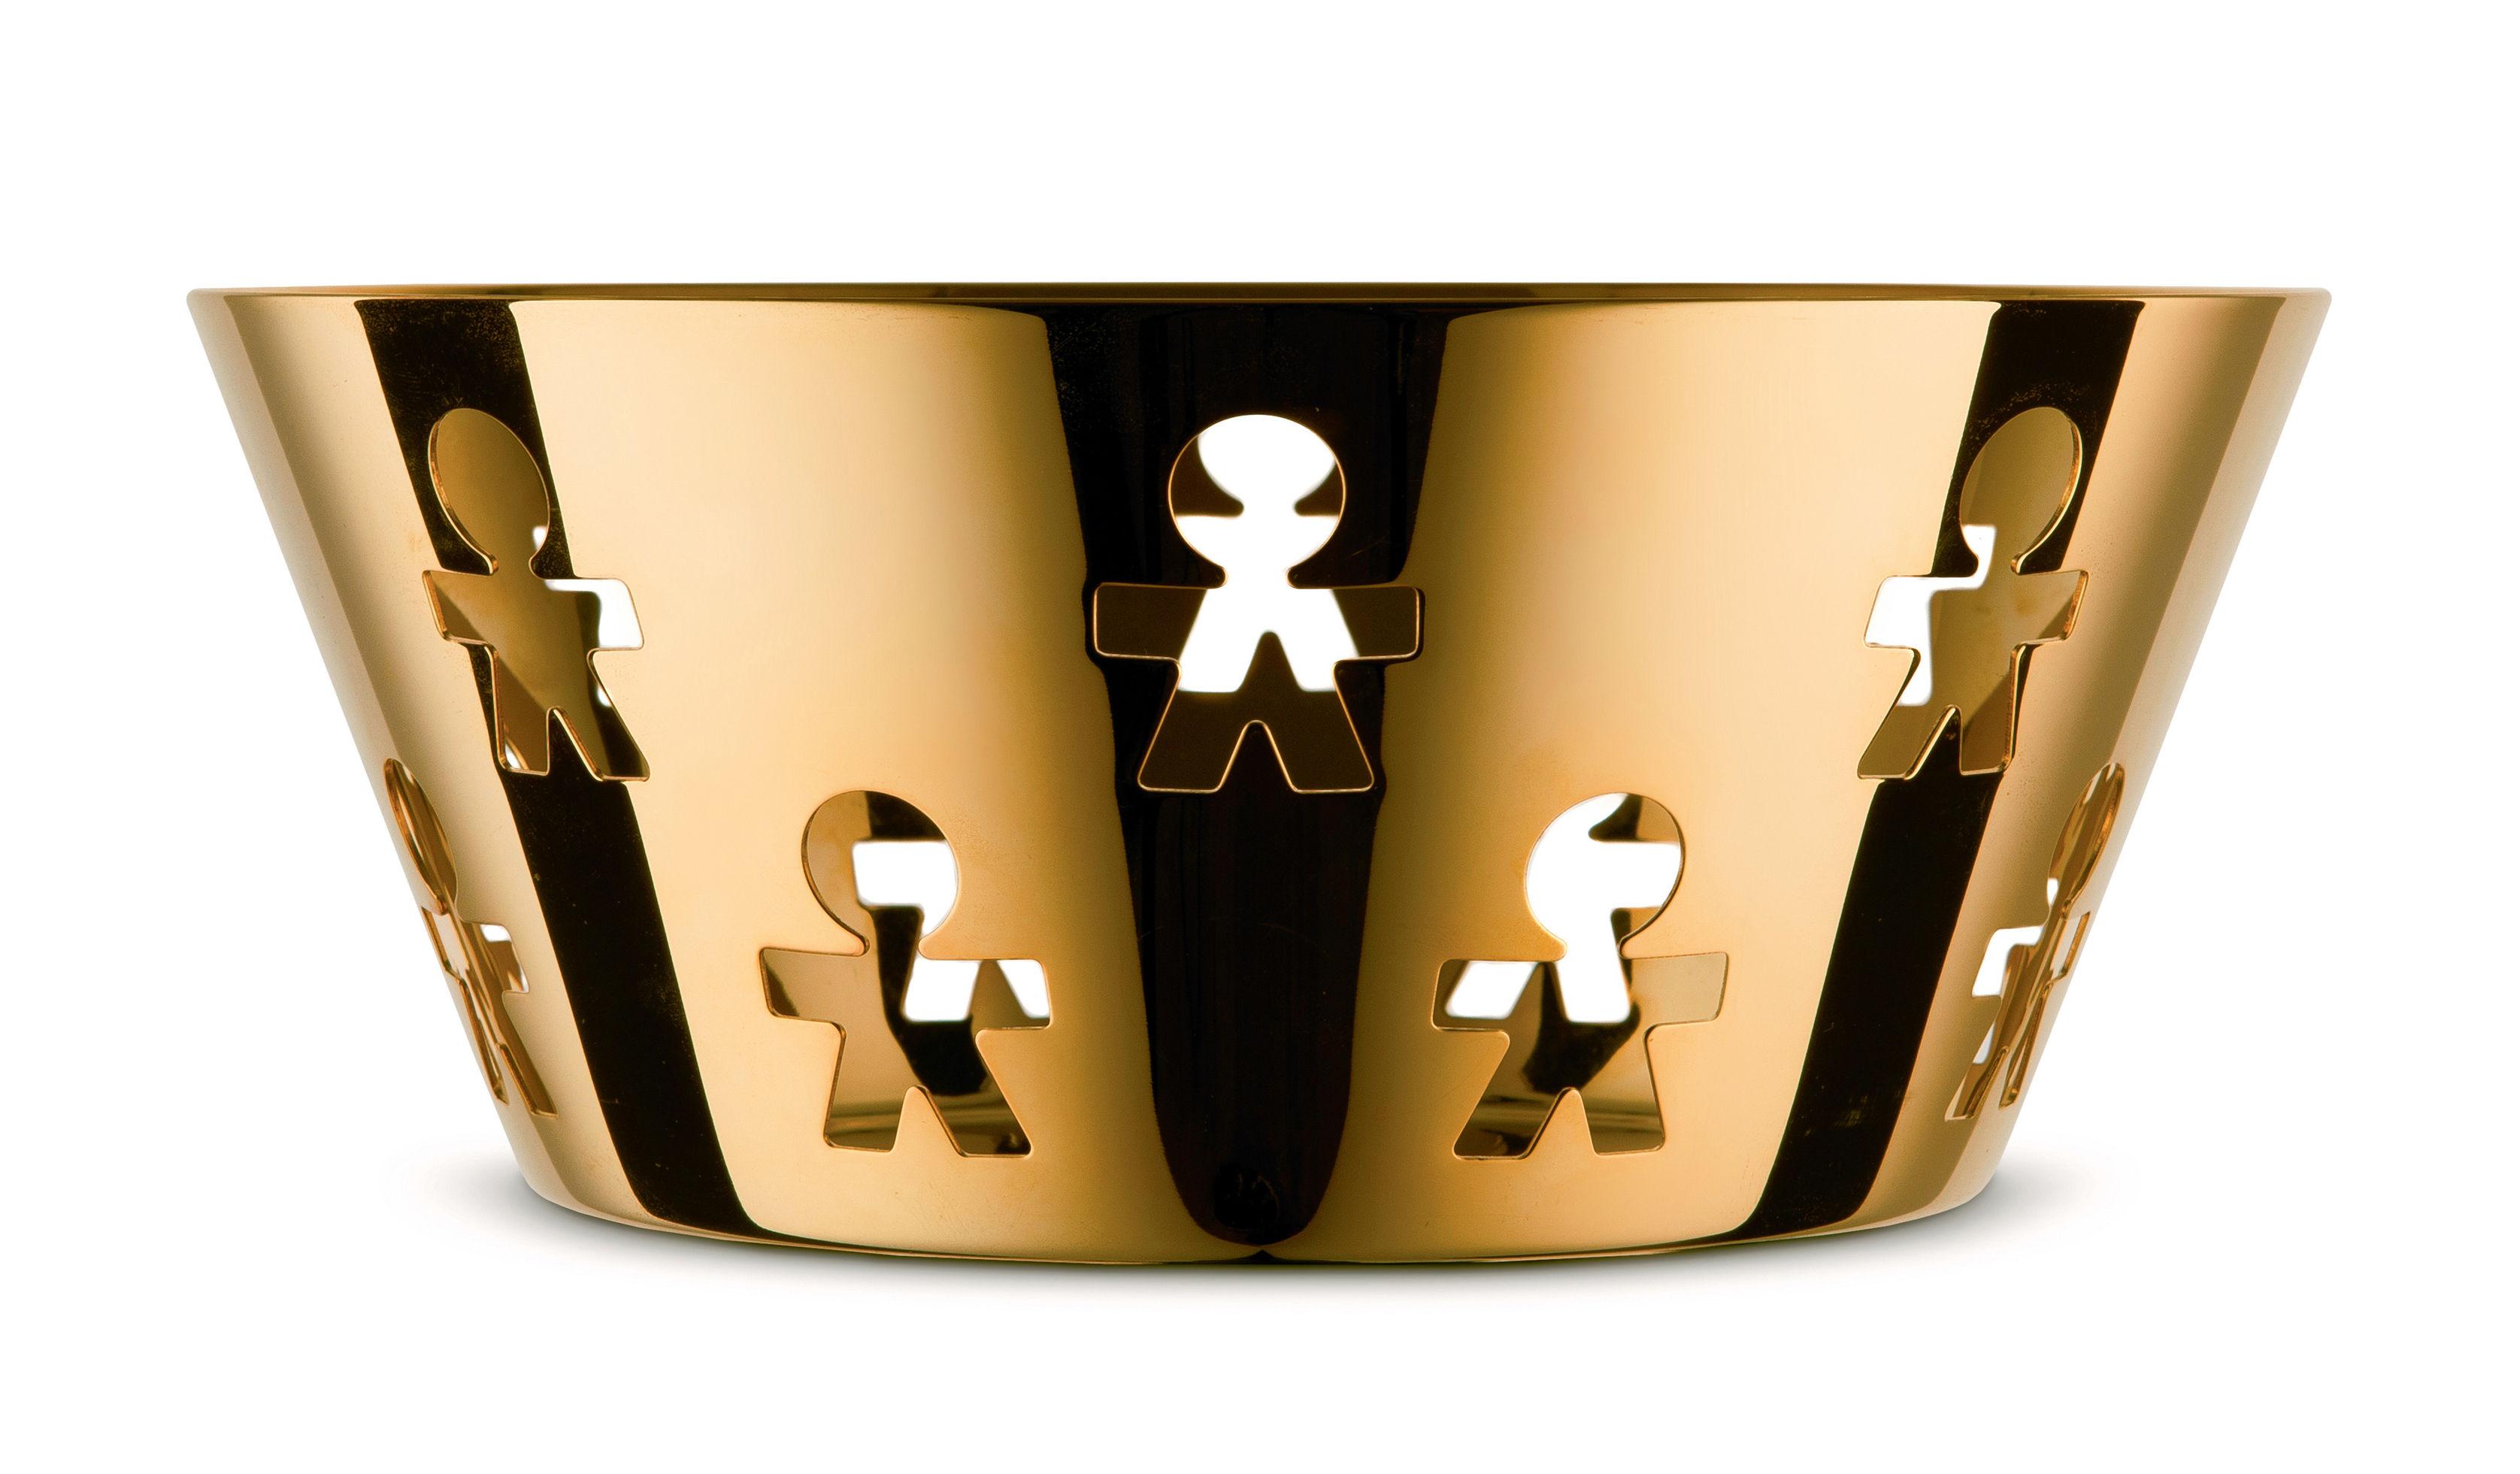 Arts de la table - Corbeilles, centres de table - Corbeille Girotondo Or 24 carats / Ø 20,5 cm -Edition limitée & numerotée - Alessi - Or 24 carats / Ø 20,5 cm - Acier inoxydable plaqué or 24 carats